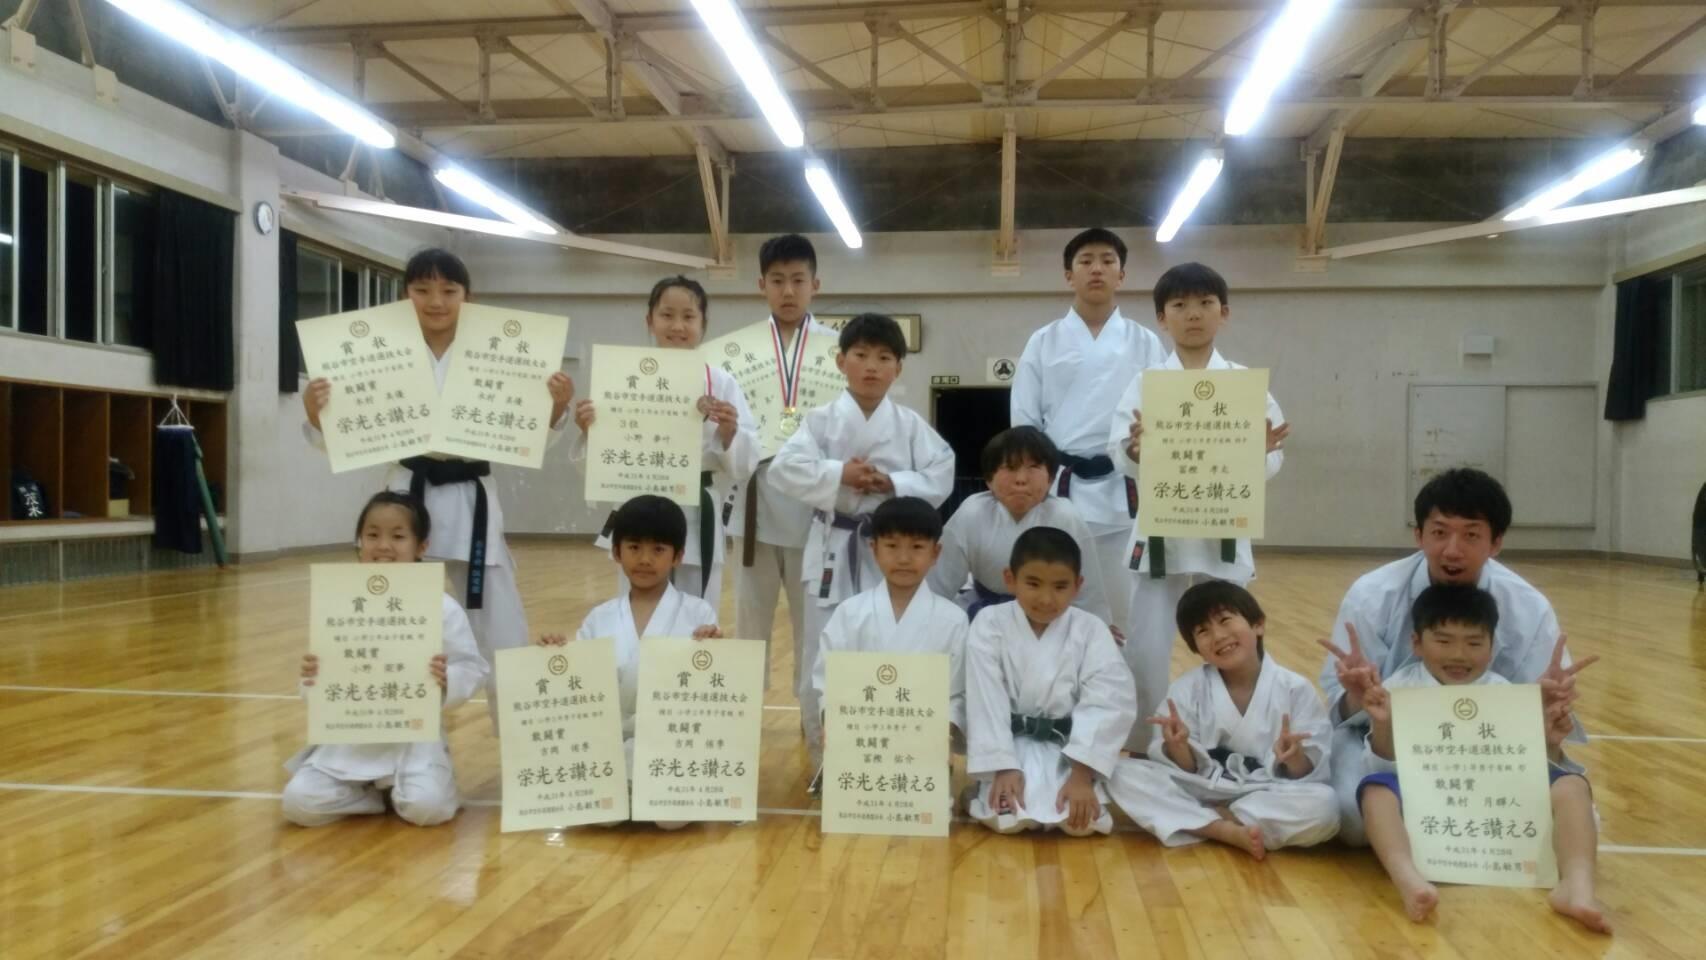 第1回 熊谷市空手道選抜大会